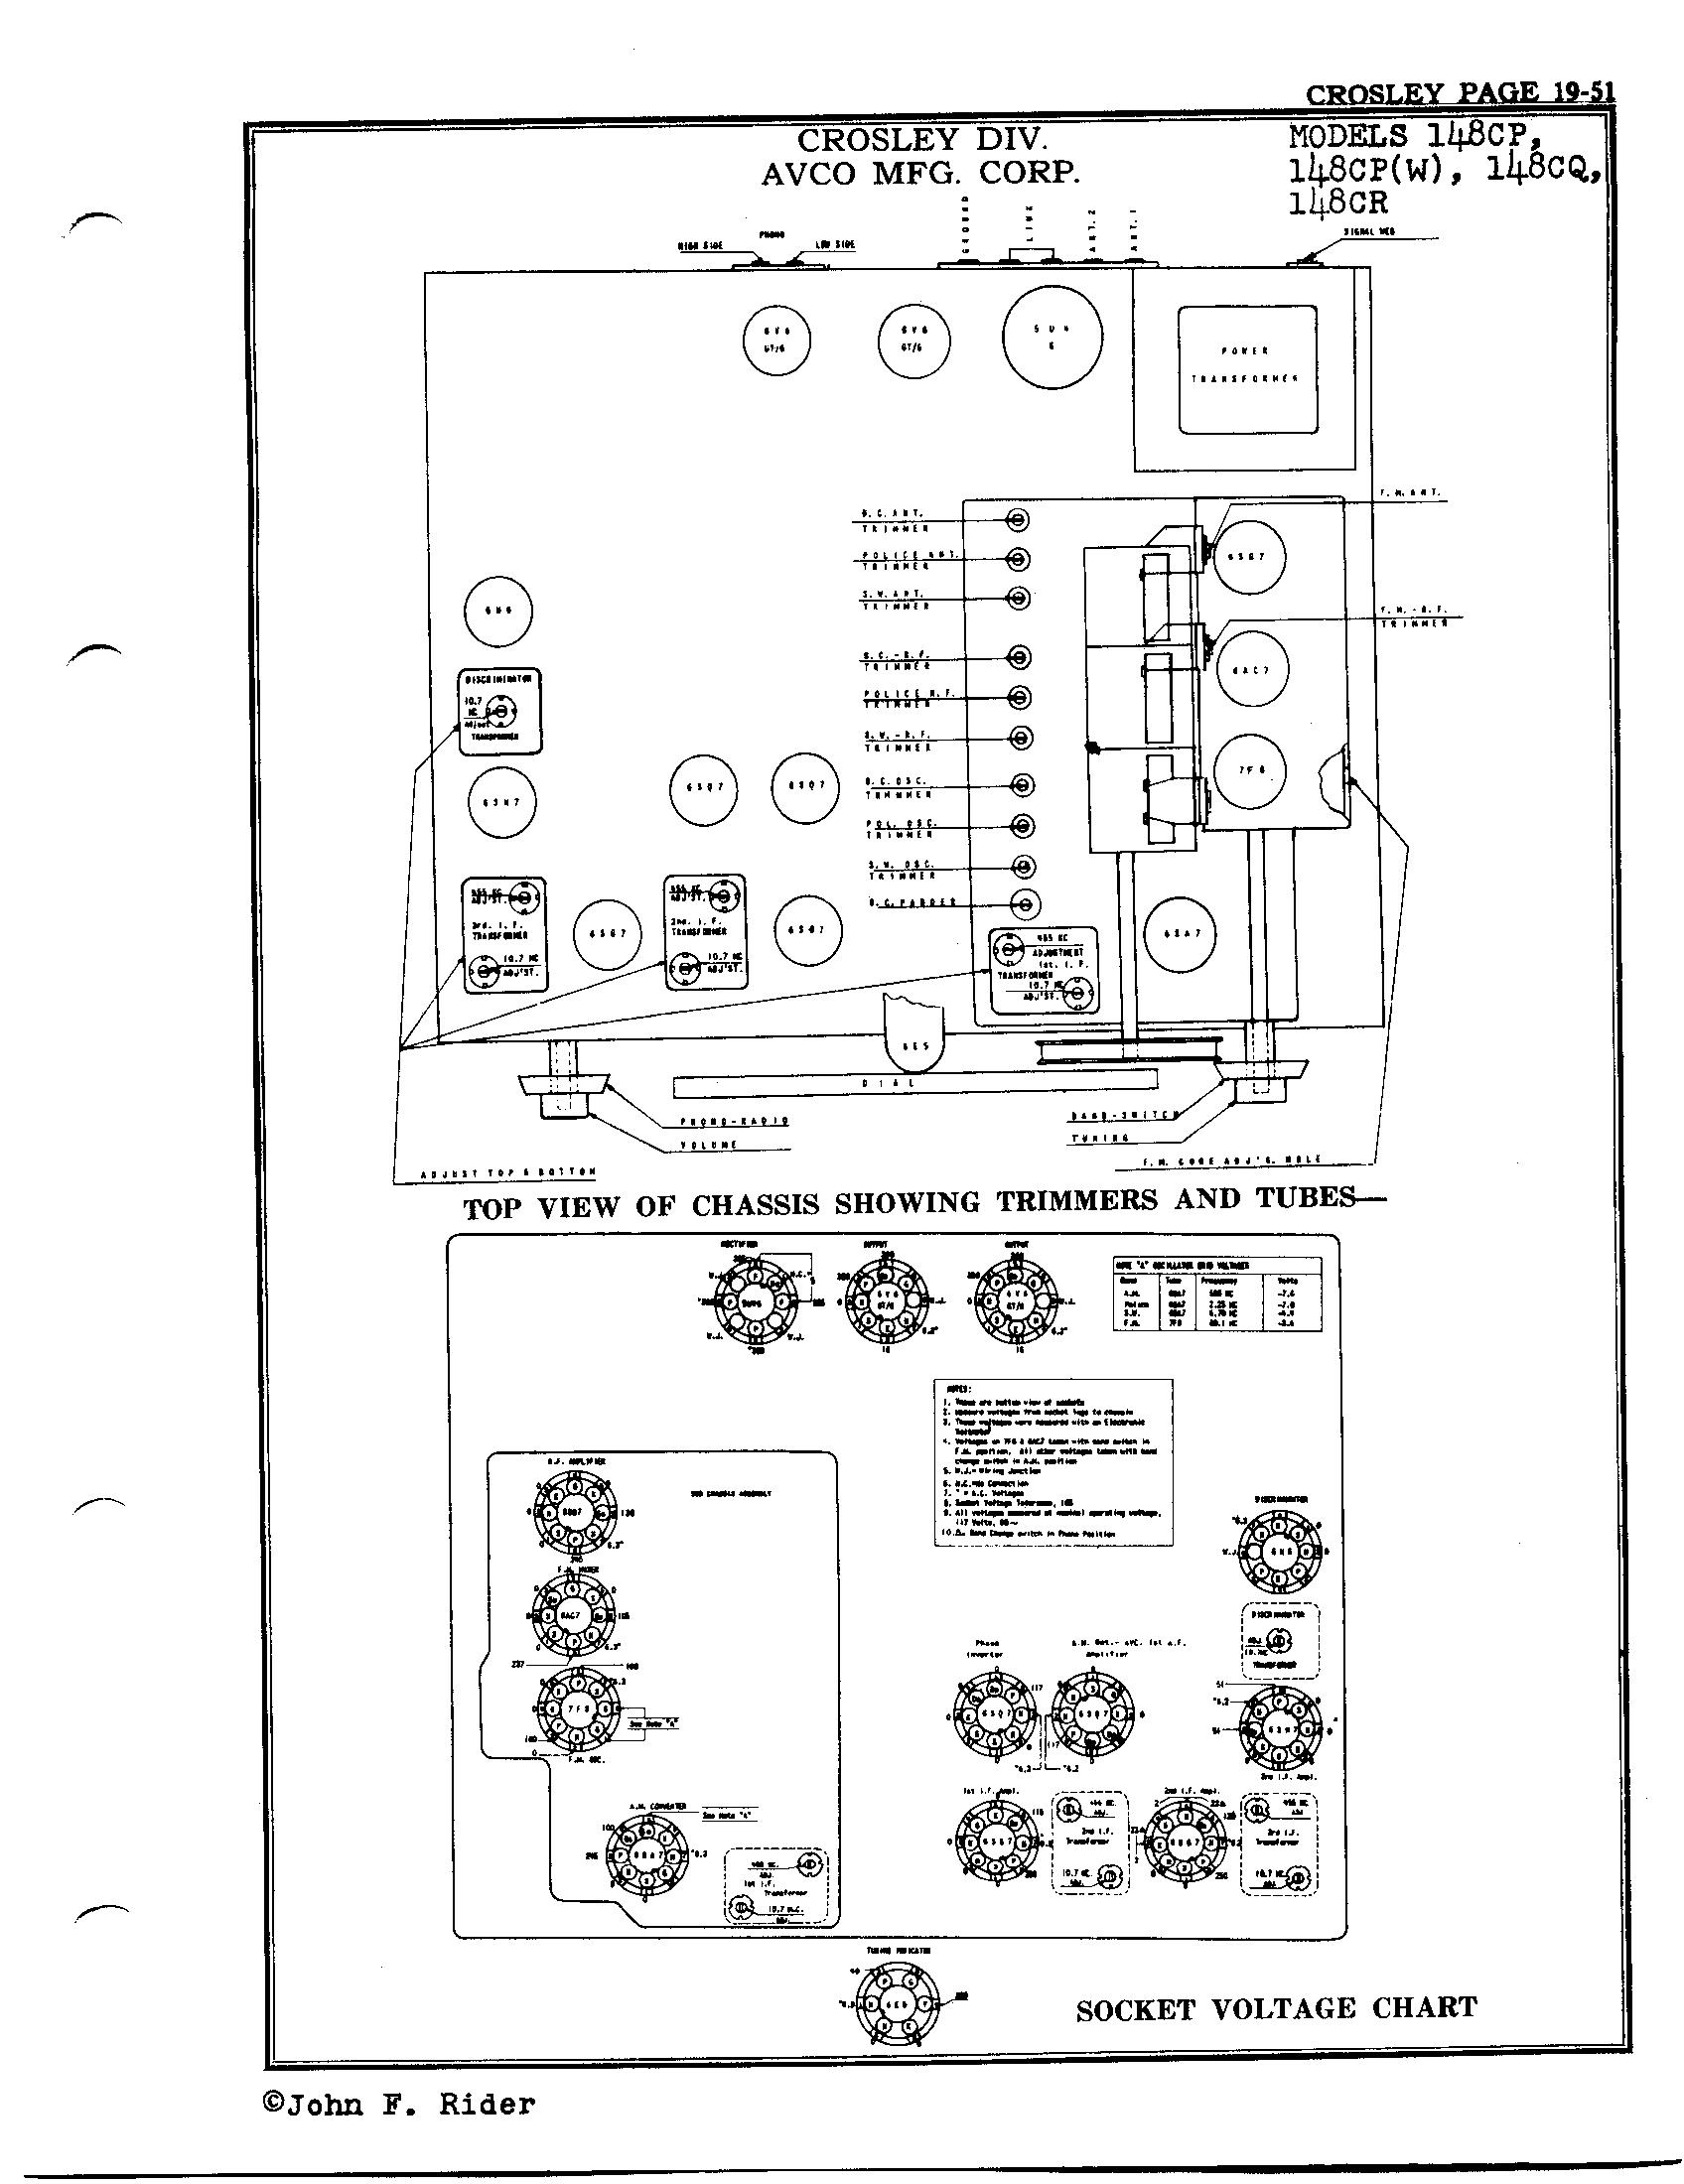 Crosley Corp 148cp W